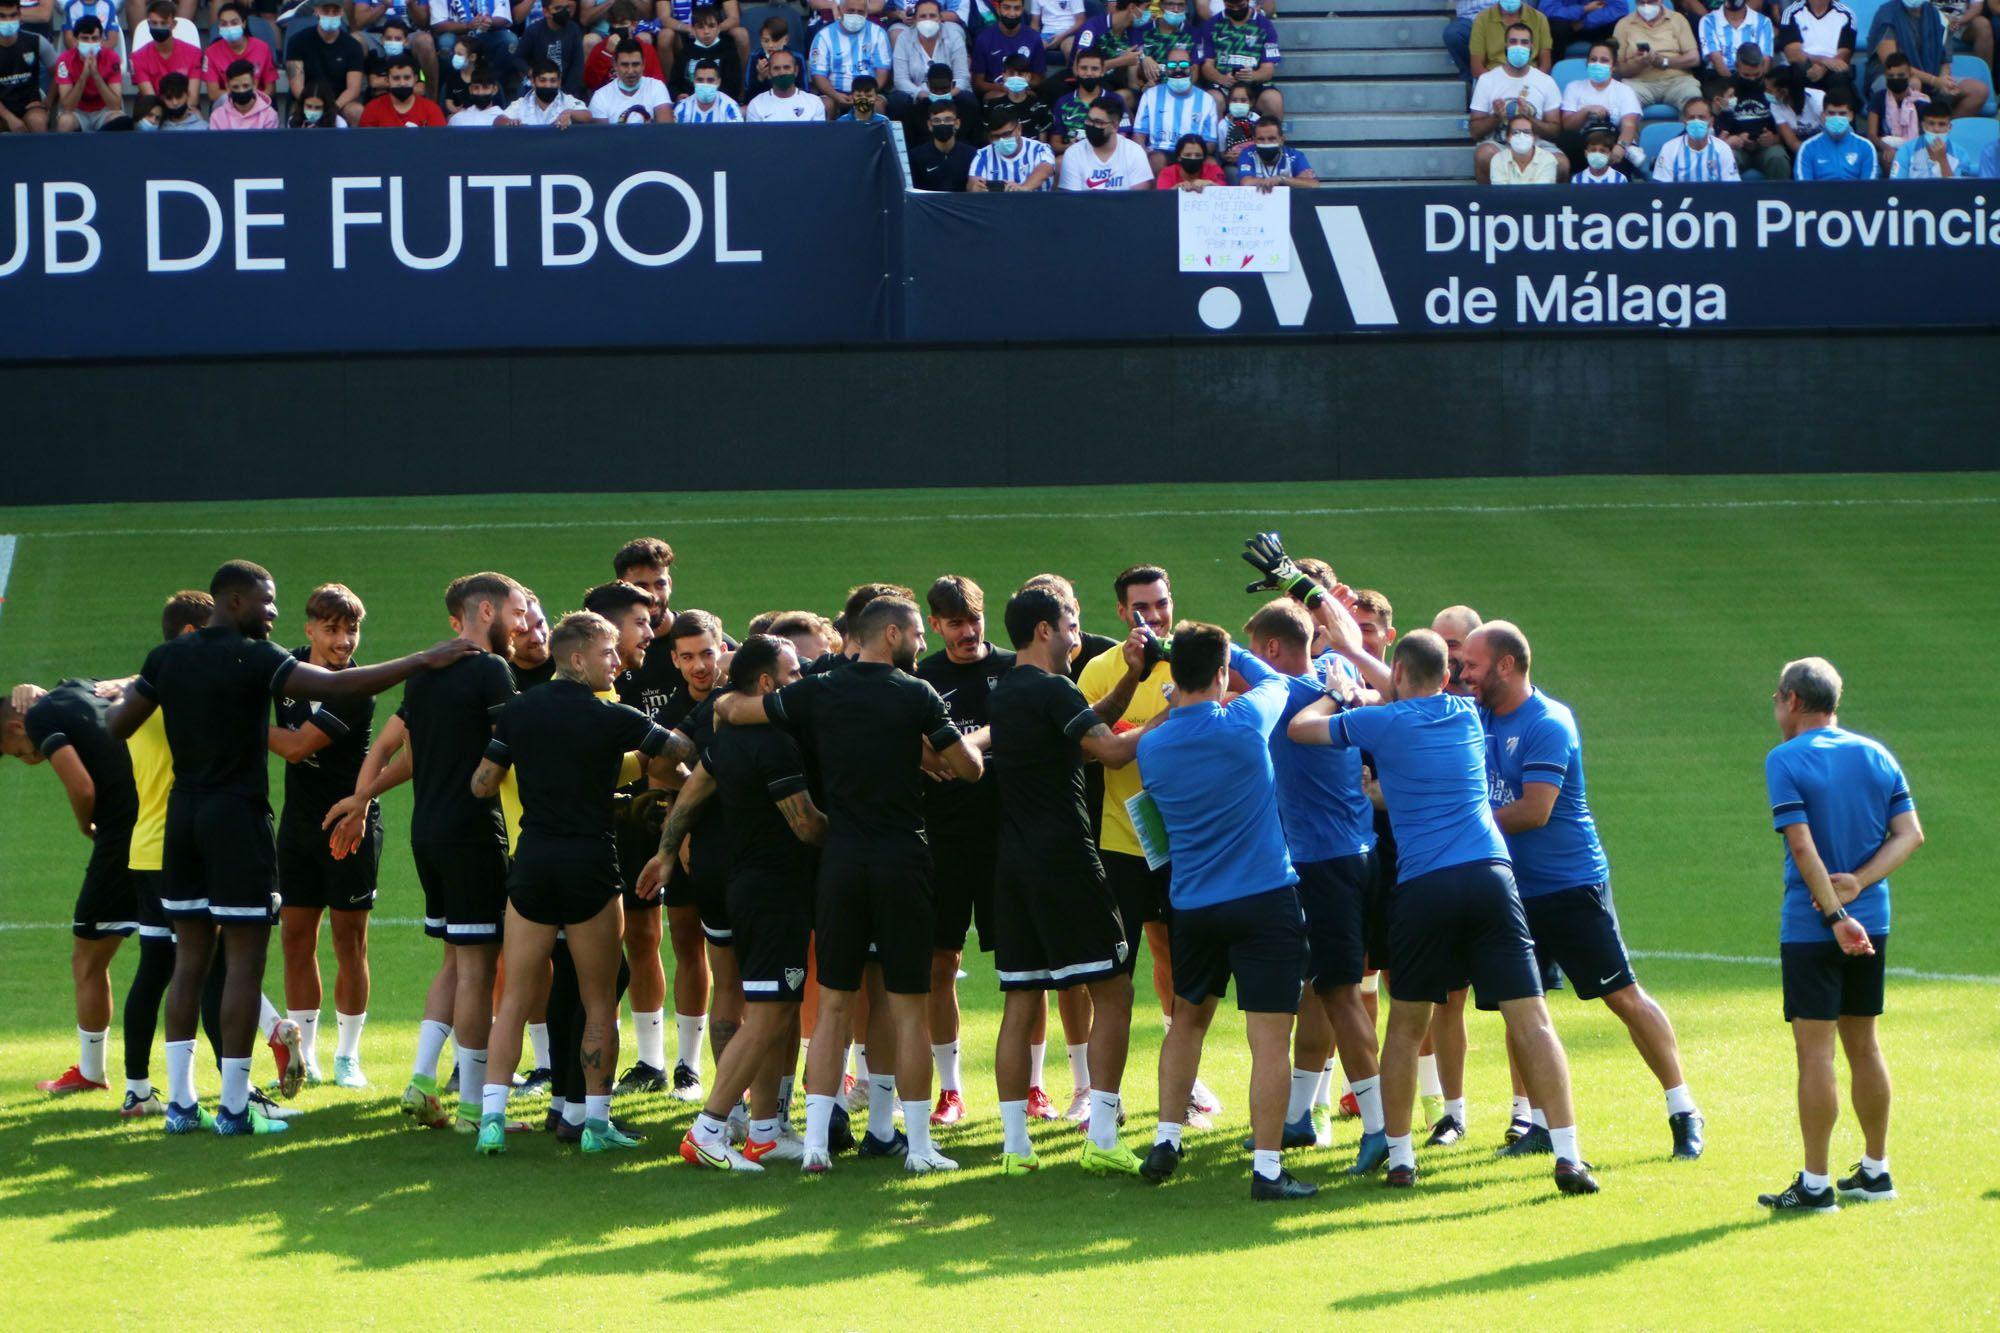 Entrenamiento a puerta abierta del Málaga CF